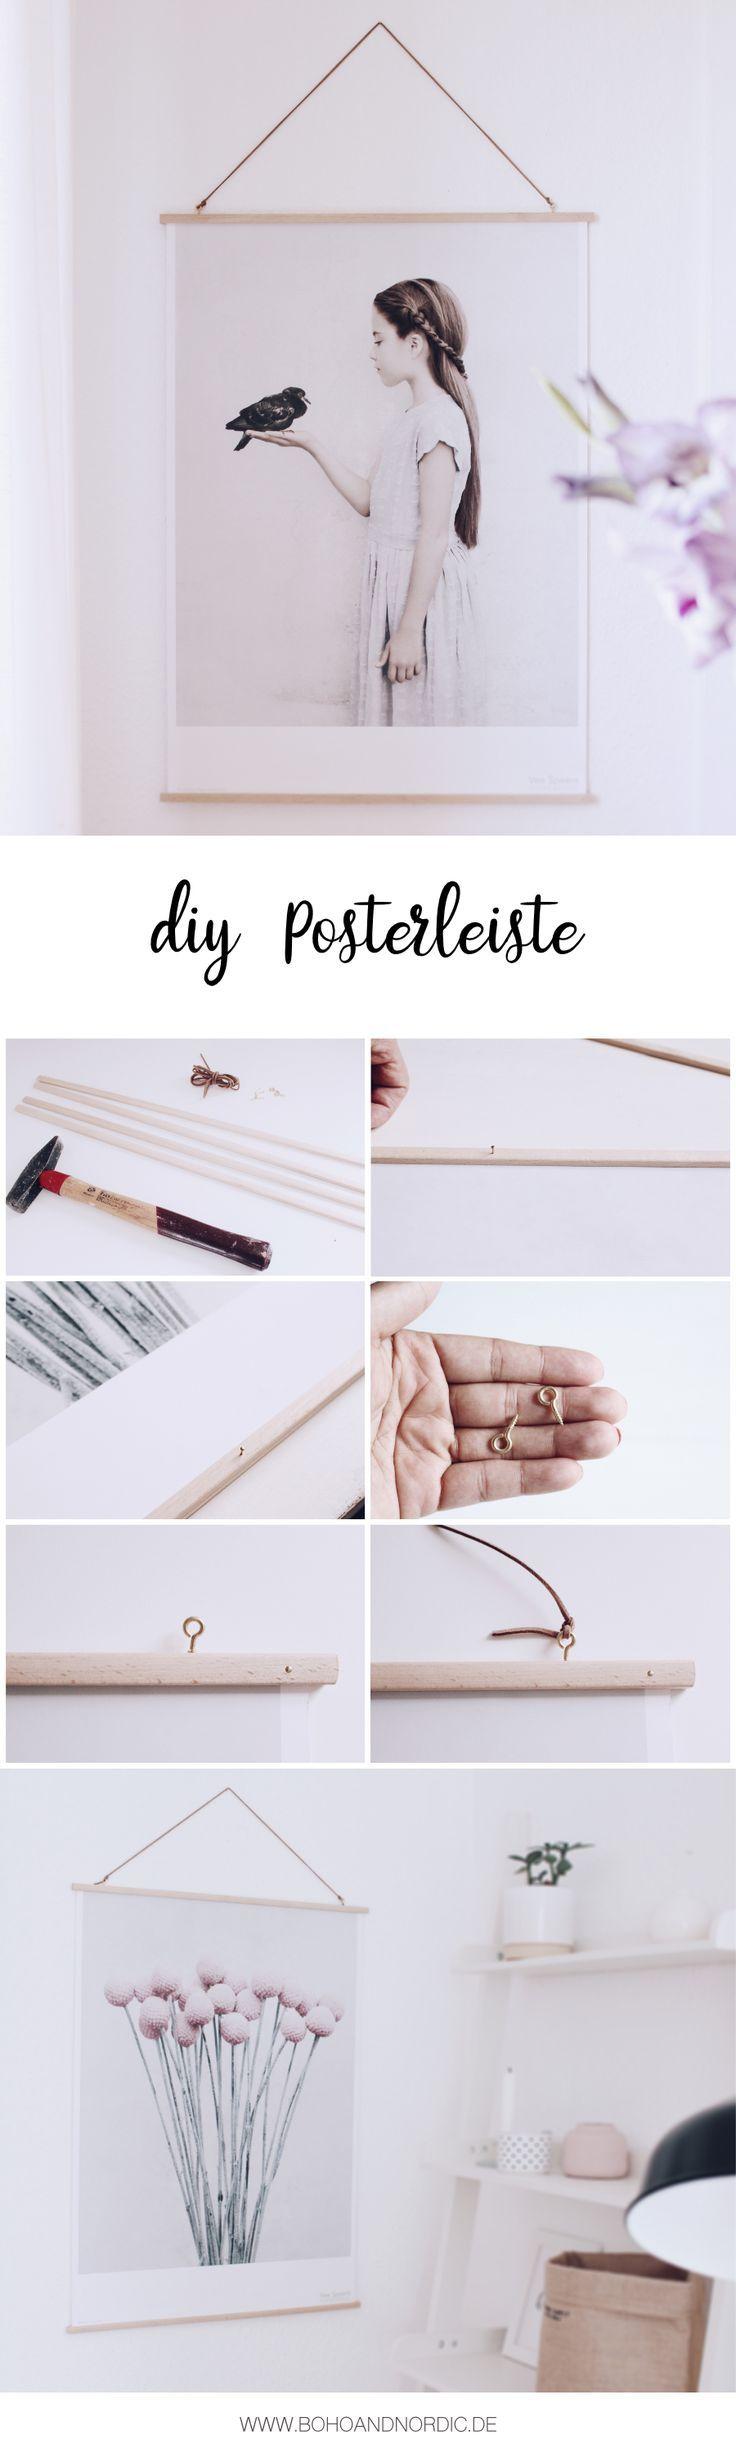 Anzeige diy posterleiste aus holz diy craft for Deko studentenzimmer